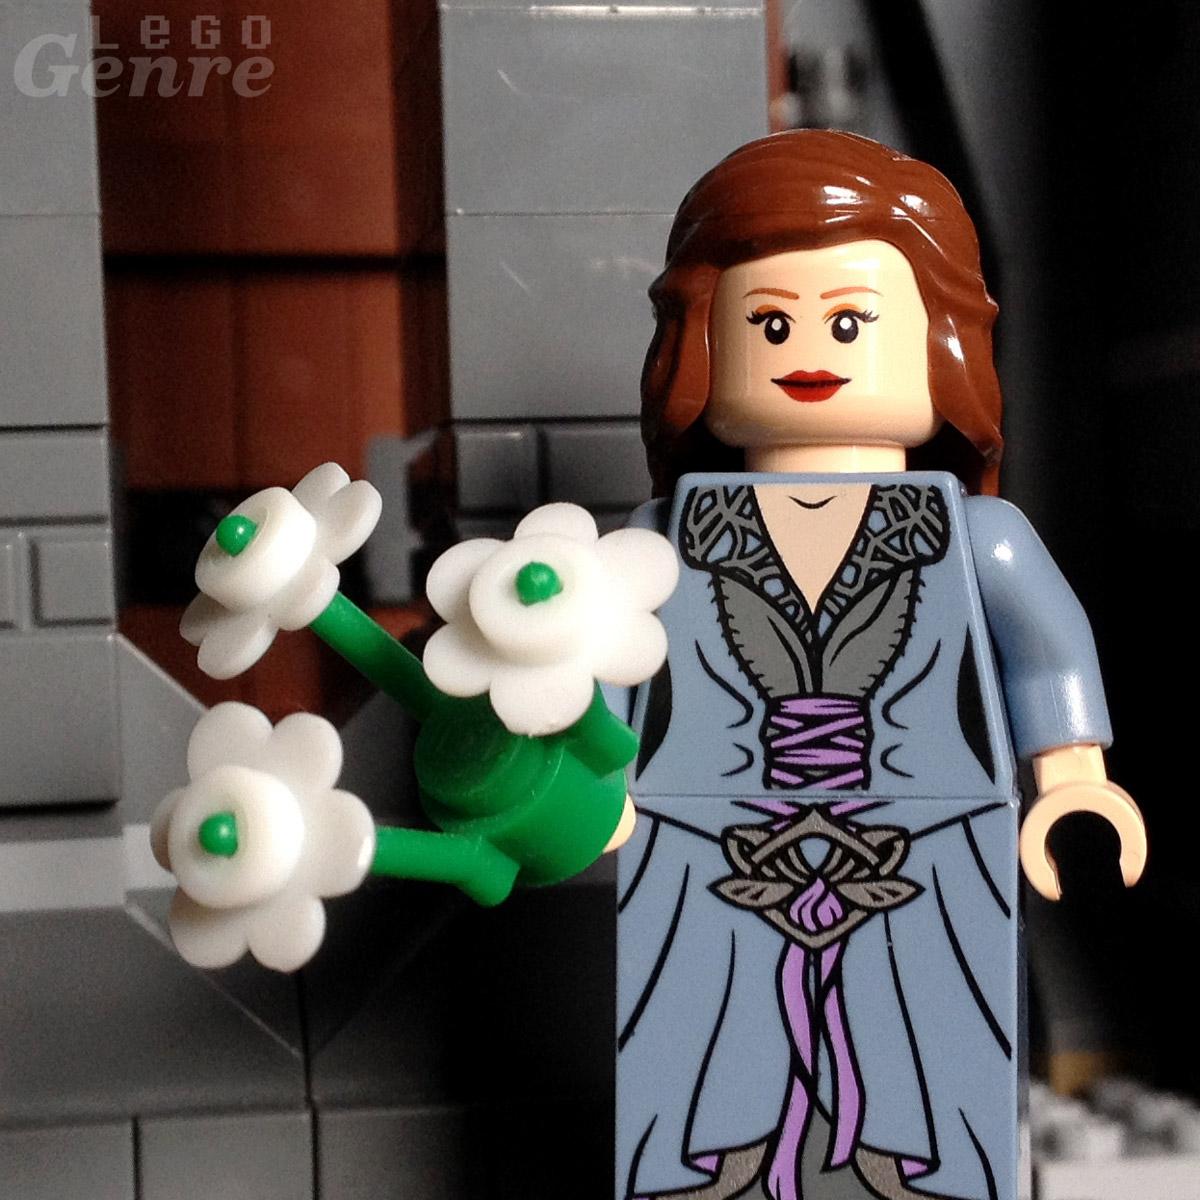 LegoGenre 00359: Sansa Stark